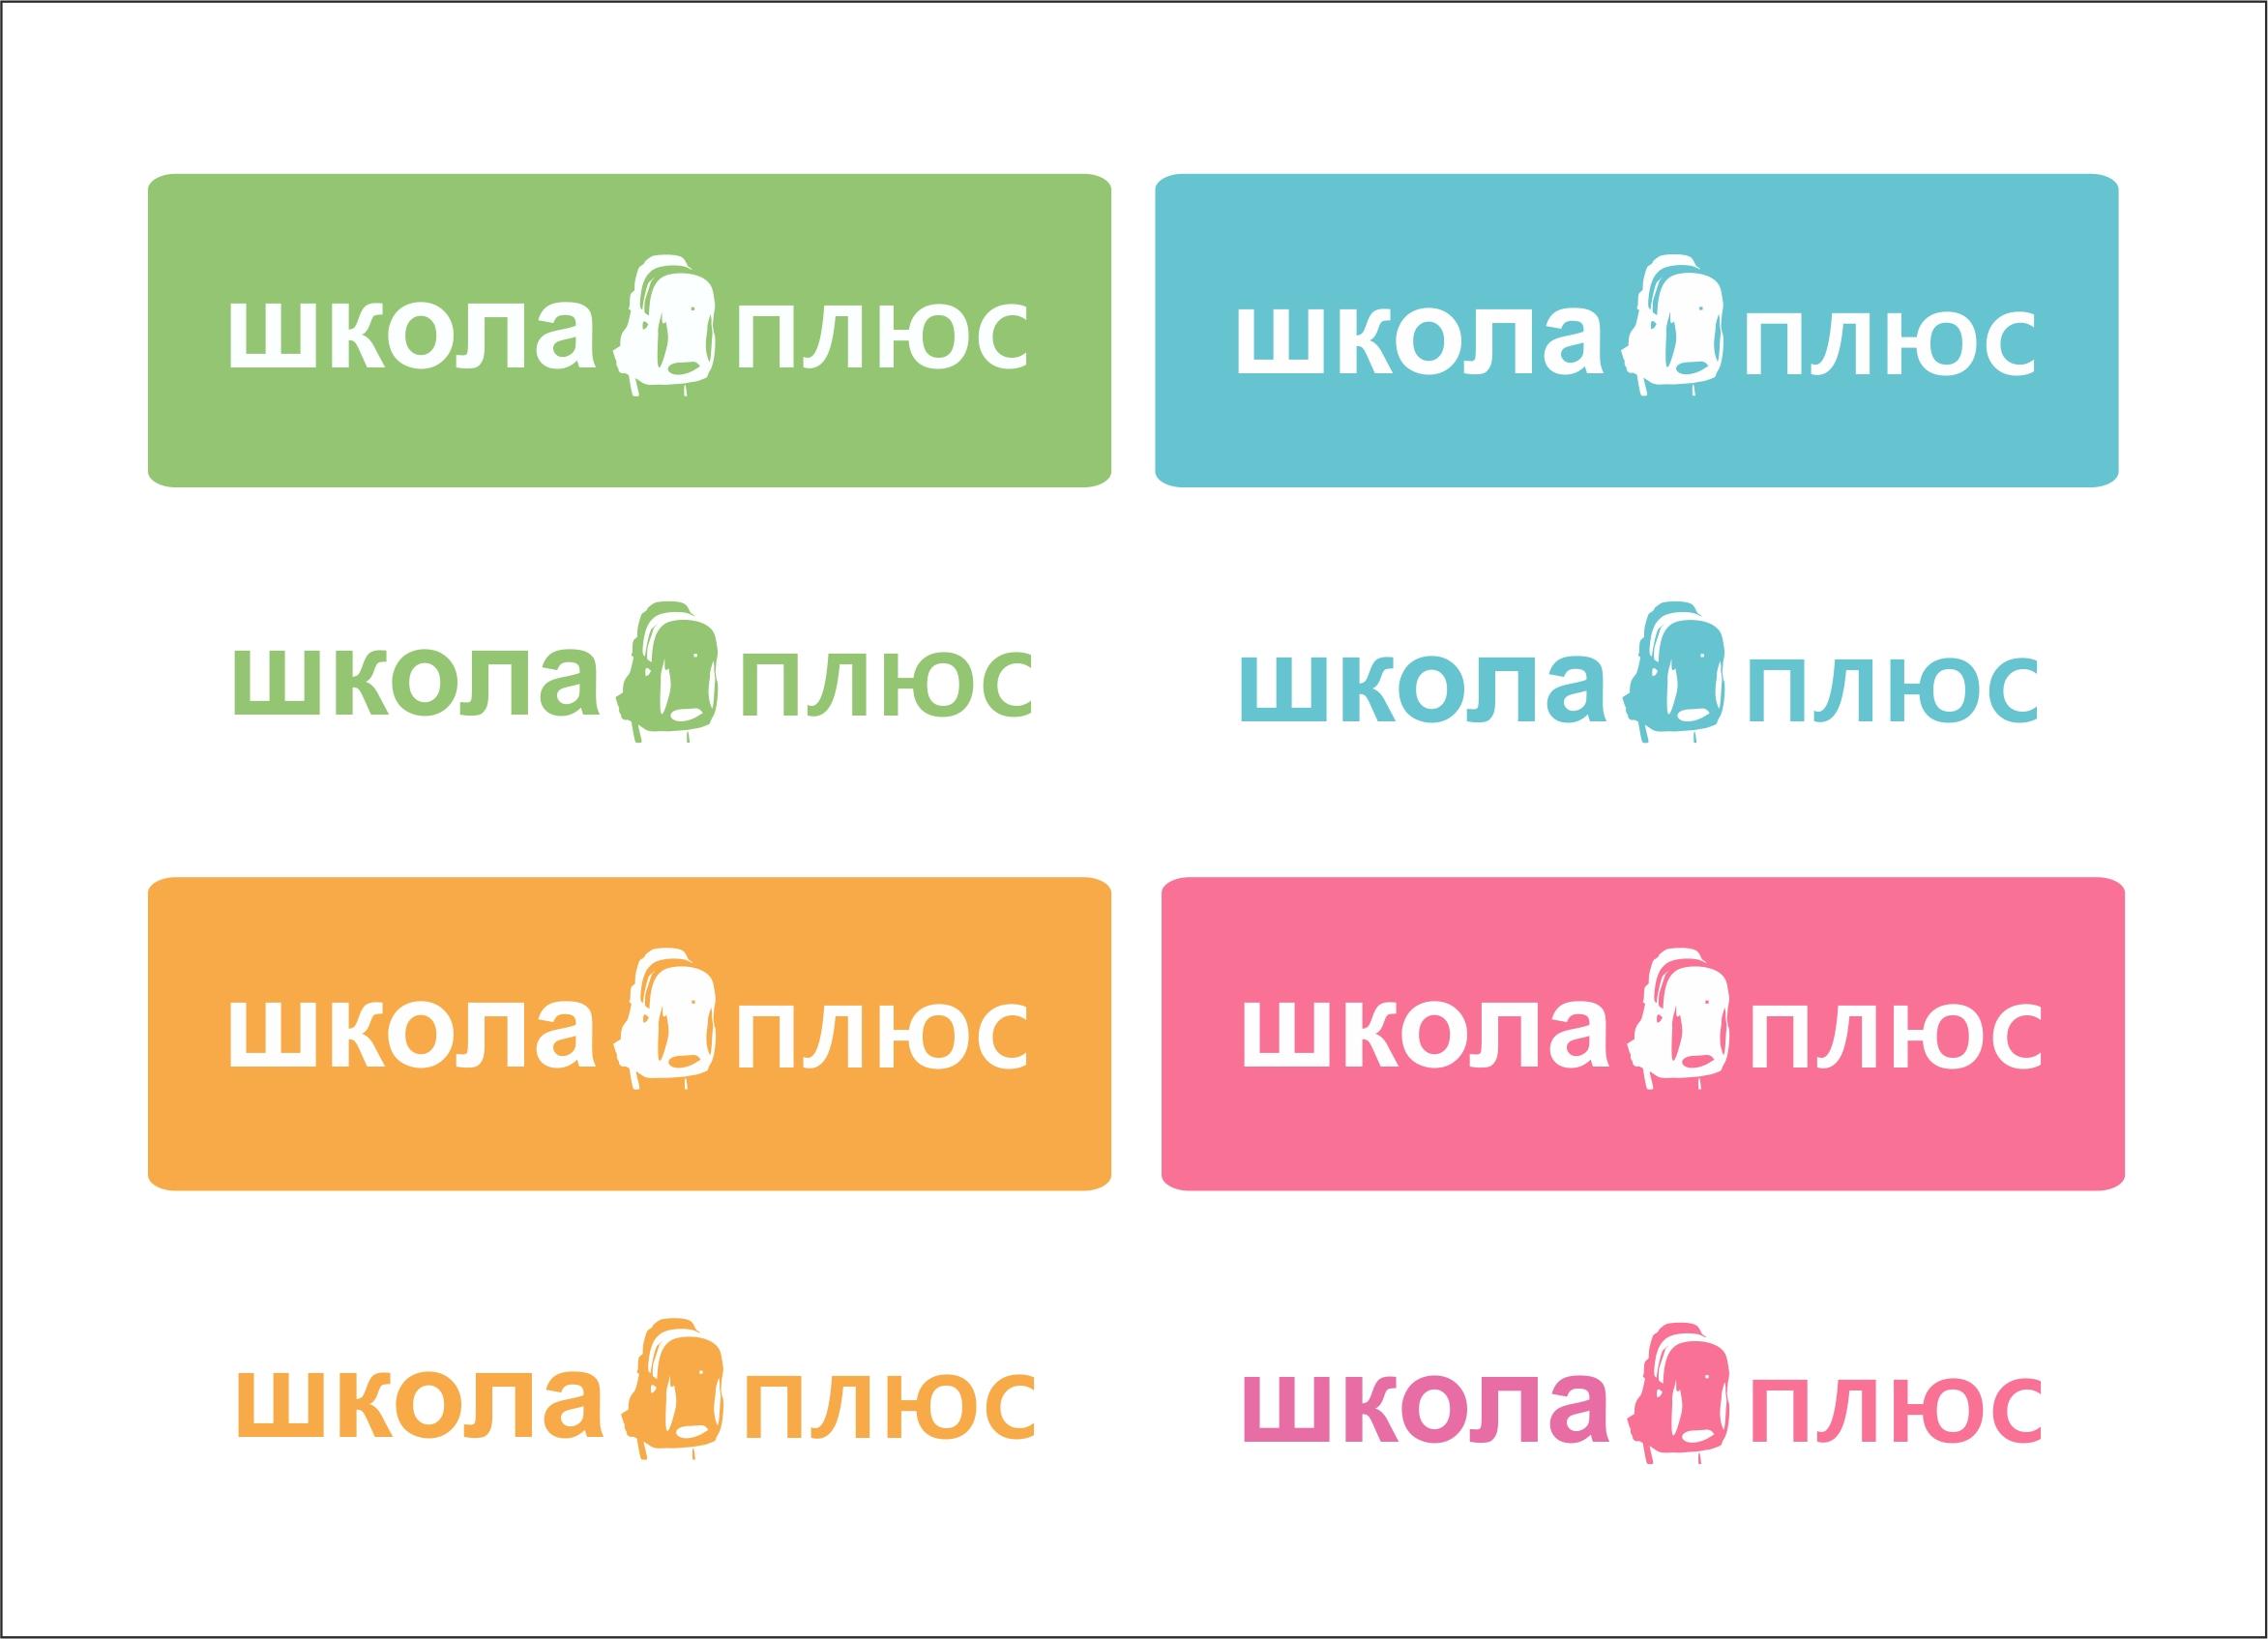 Разработка логотипа и пары элементов фирменного стиля фото f_4dad6decaa444.jpg